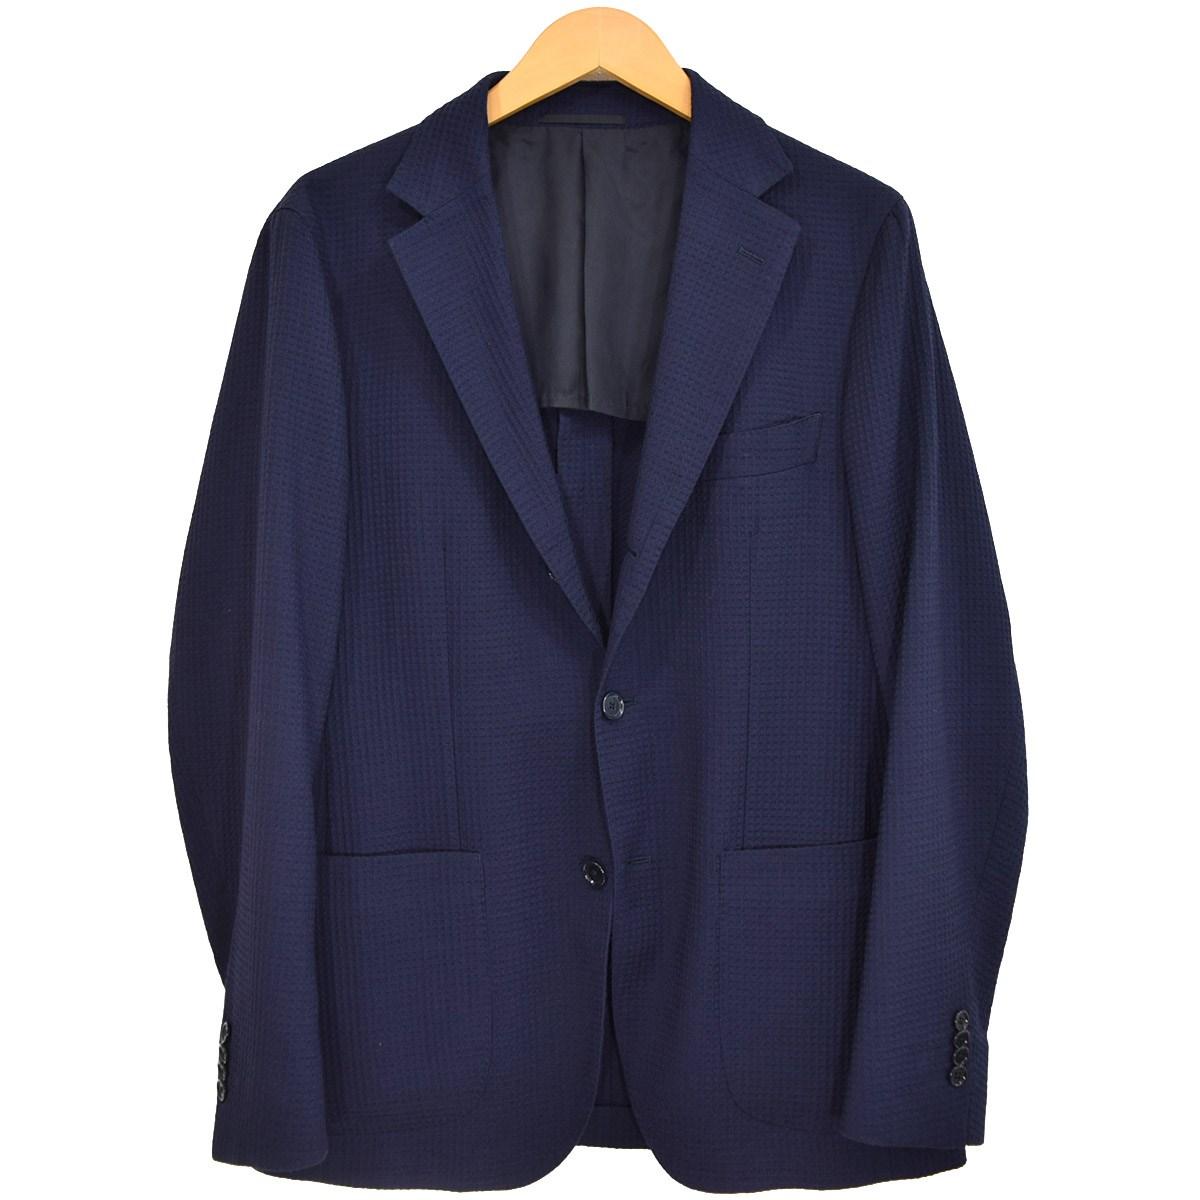 【中古】UNITED ARROWS UADTワッフルソリッドライトコンフォート 2Bジャケット ネイビー サイズ:48 【140320】(ユナイテッドアローズ)